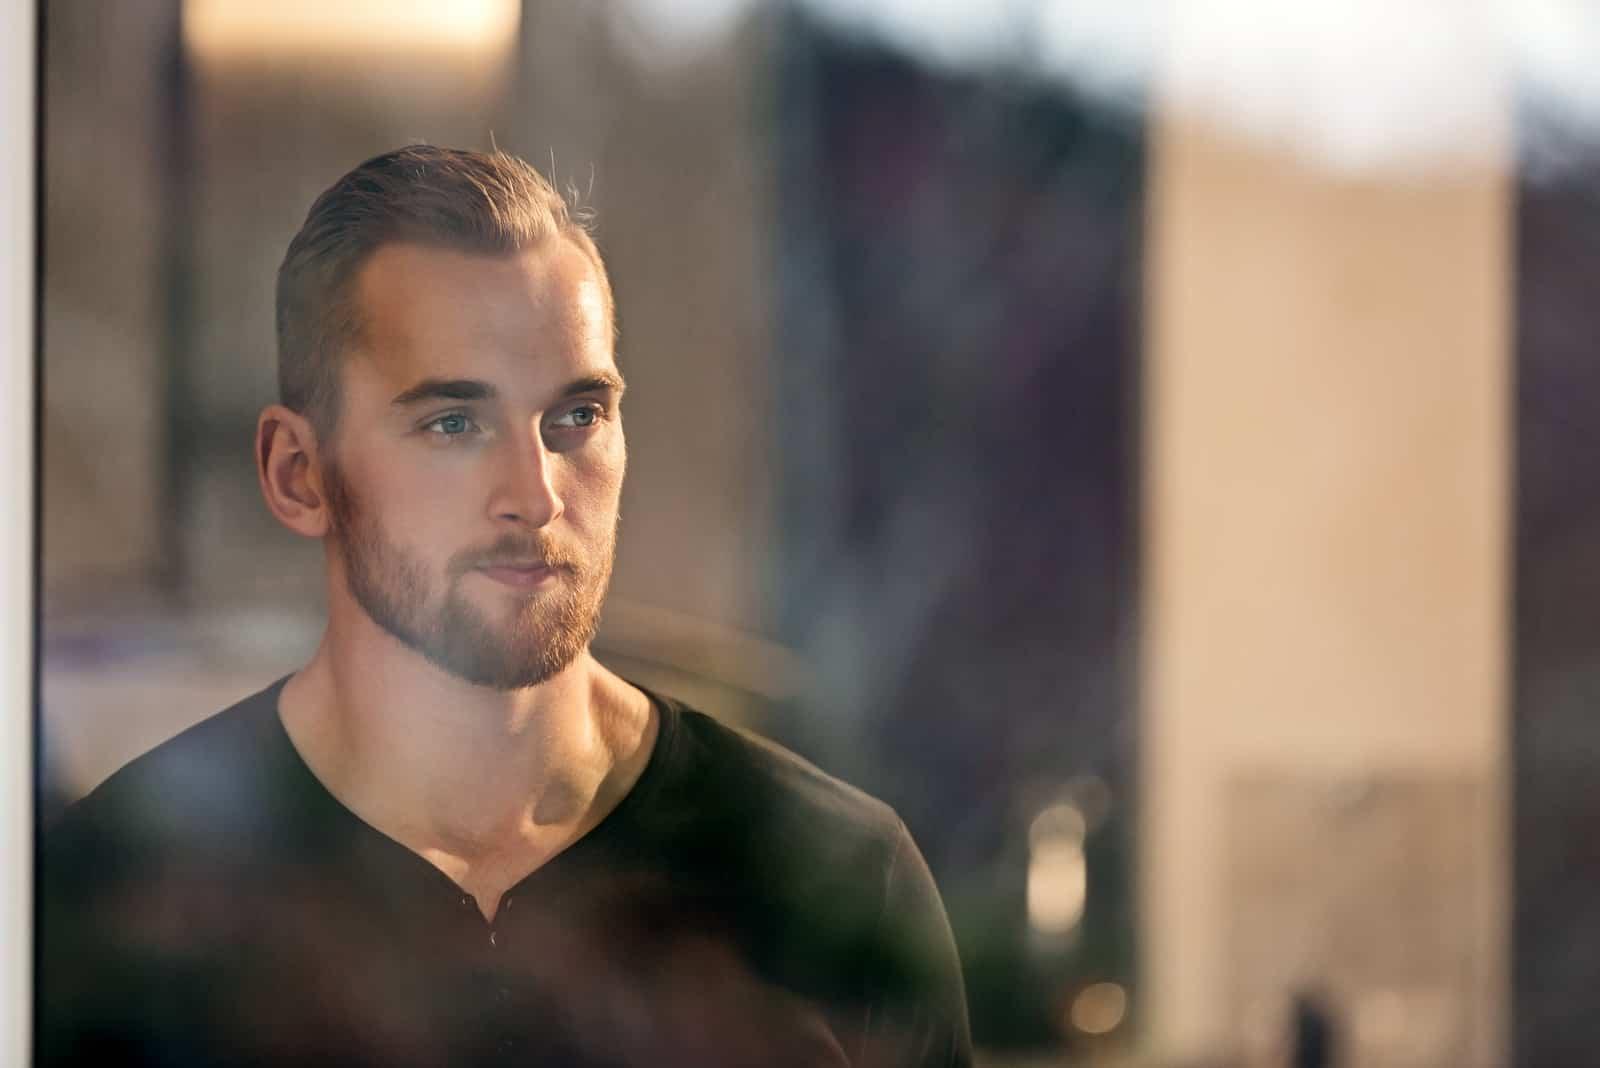 Mann trägt ein schwarzes Langarmhemd